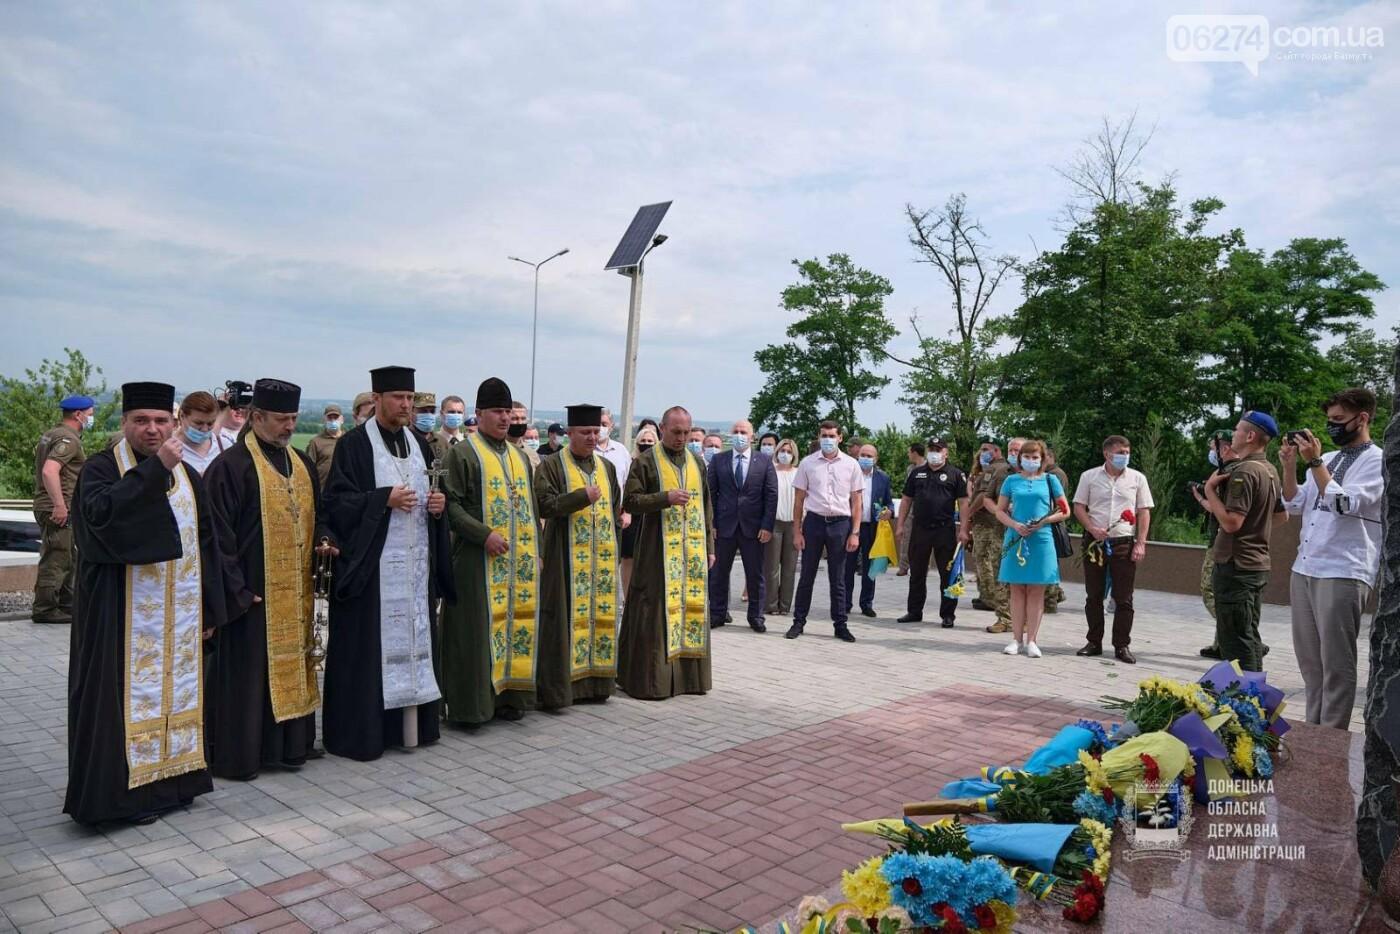 Бахмутский городской совет присоединился к торжествам по случаю 7-й годовщины освобождения городов Восточной Украины от российской оккупации, фото-1